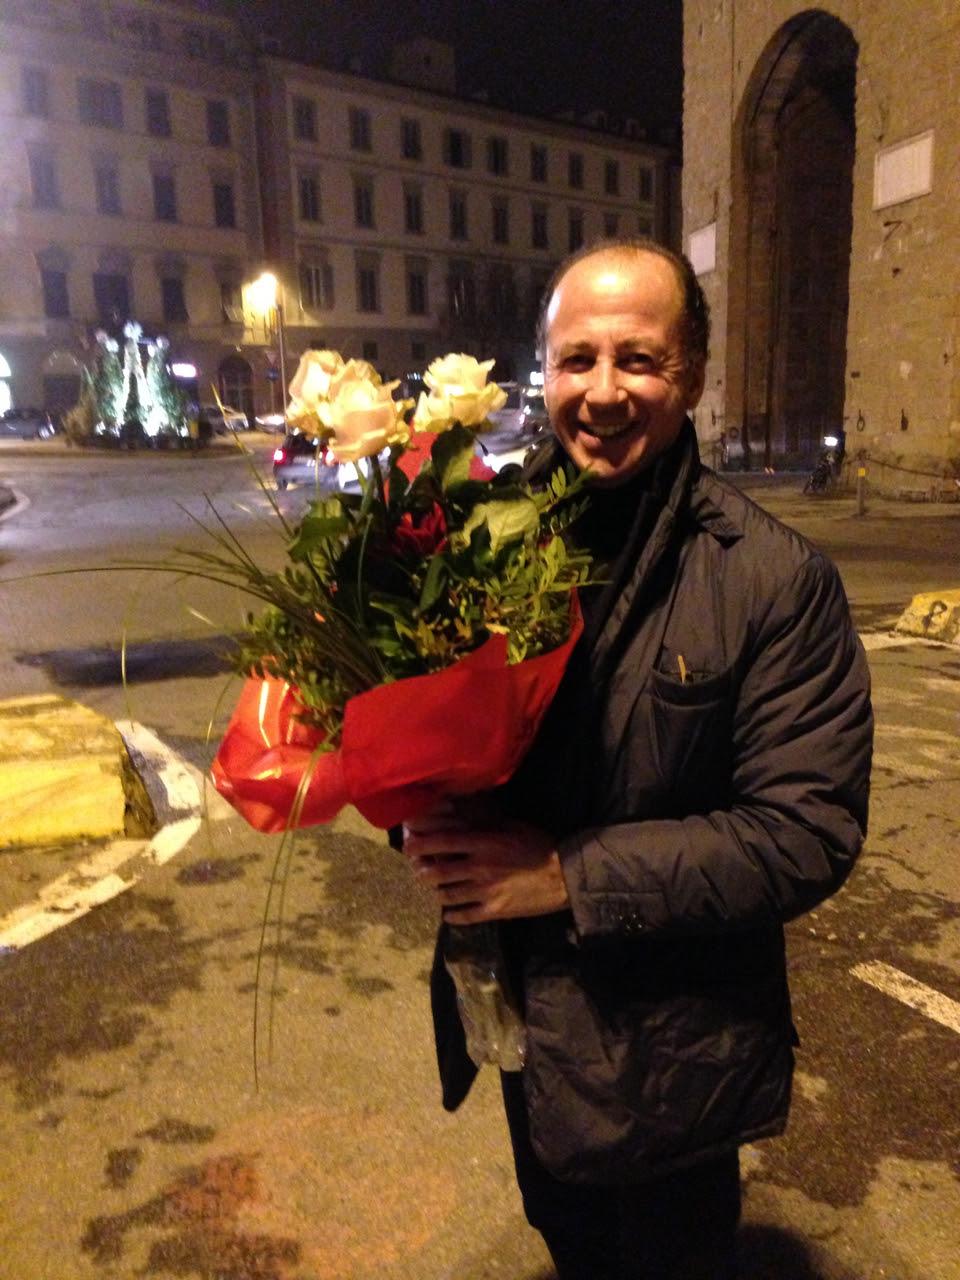 O rendez-vous foi no lugar, hora e minuto onde demos o primeiro beijo...não muito romântico, um estacionamento, mas tão significativo!  Adorei!! Ele chegou com rosas!